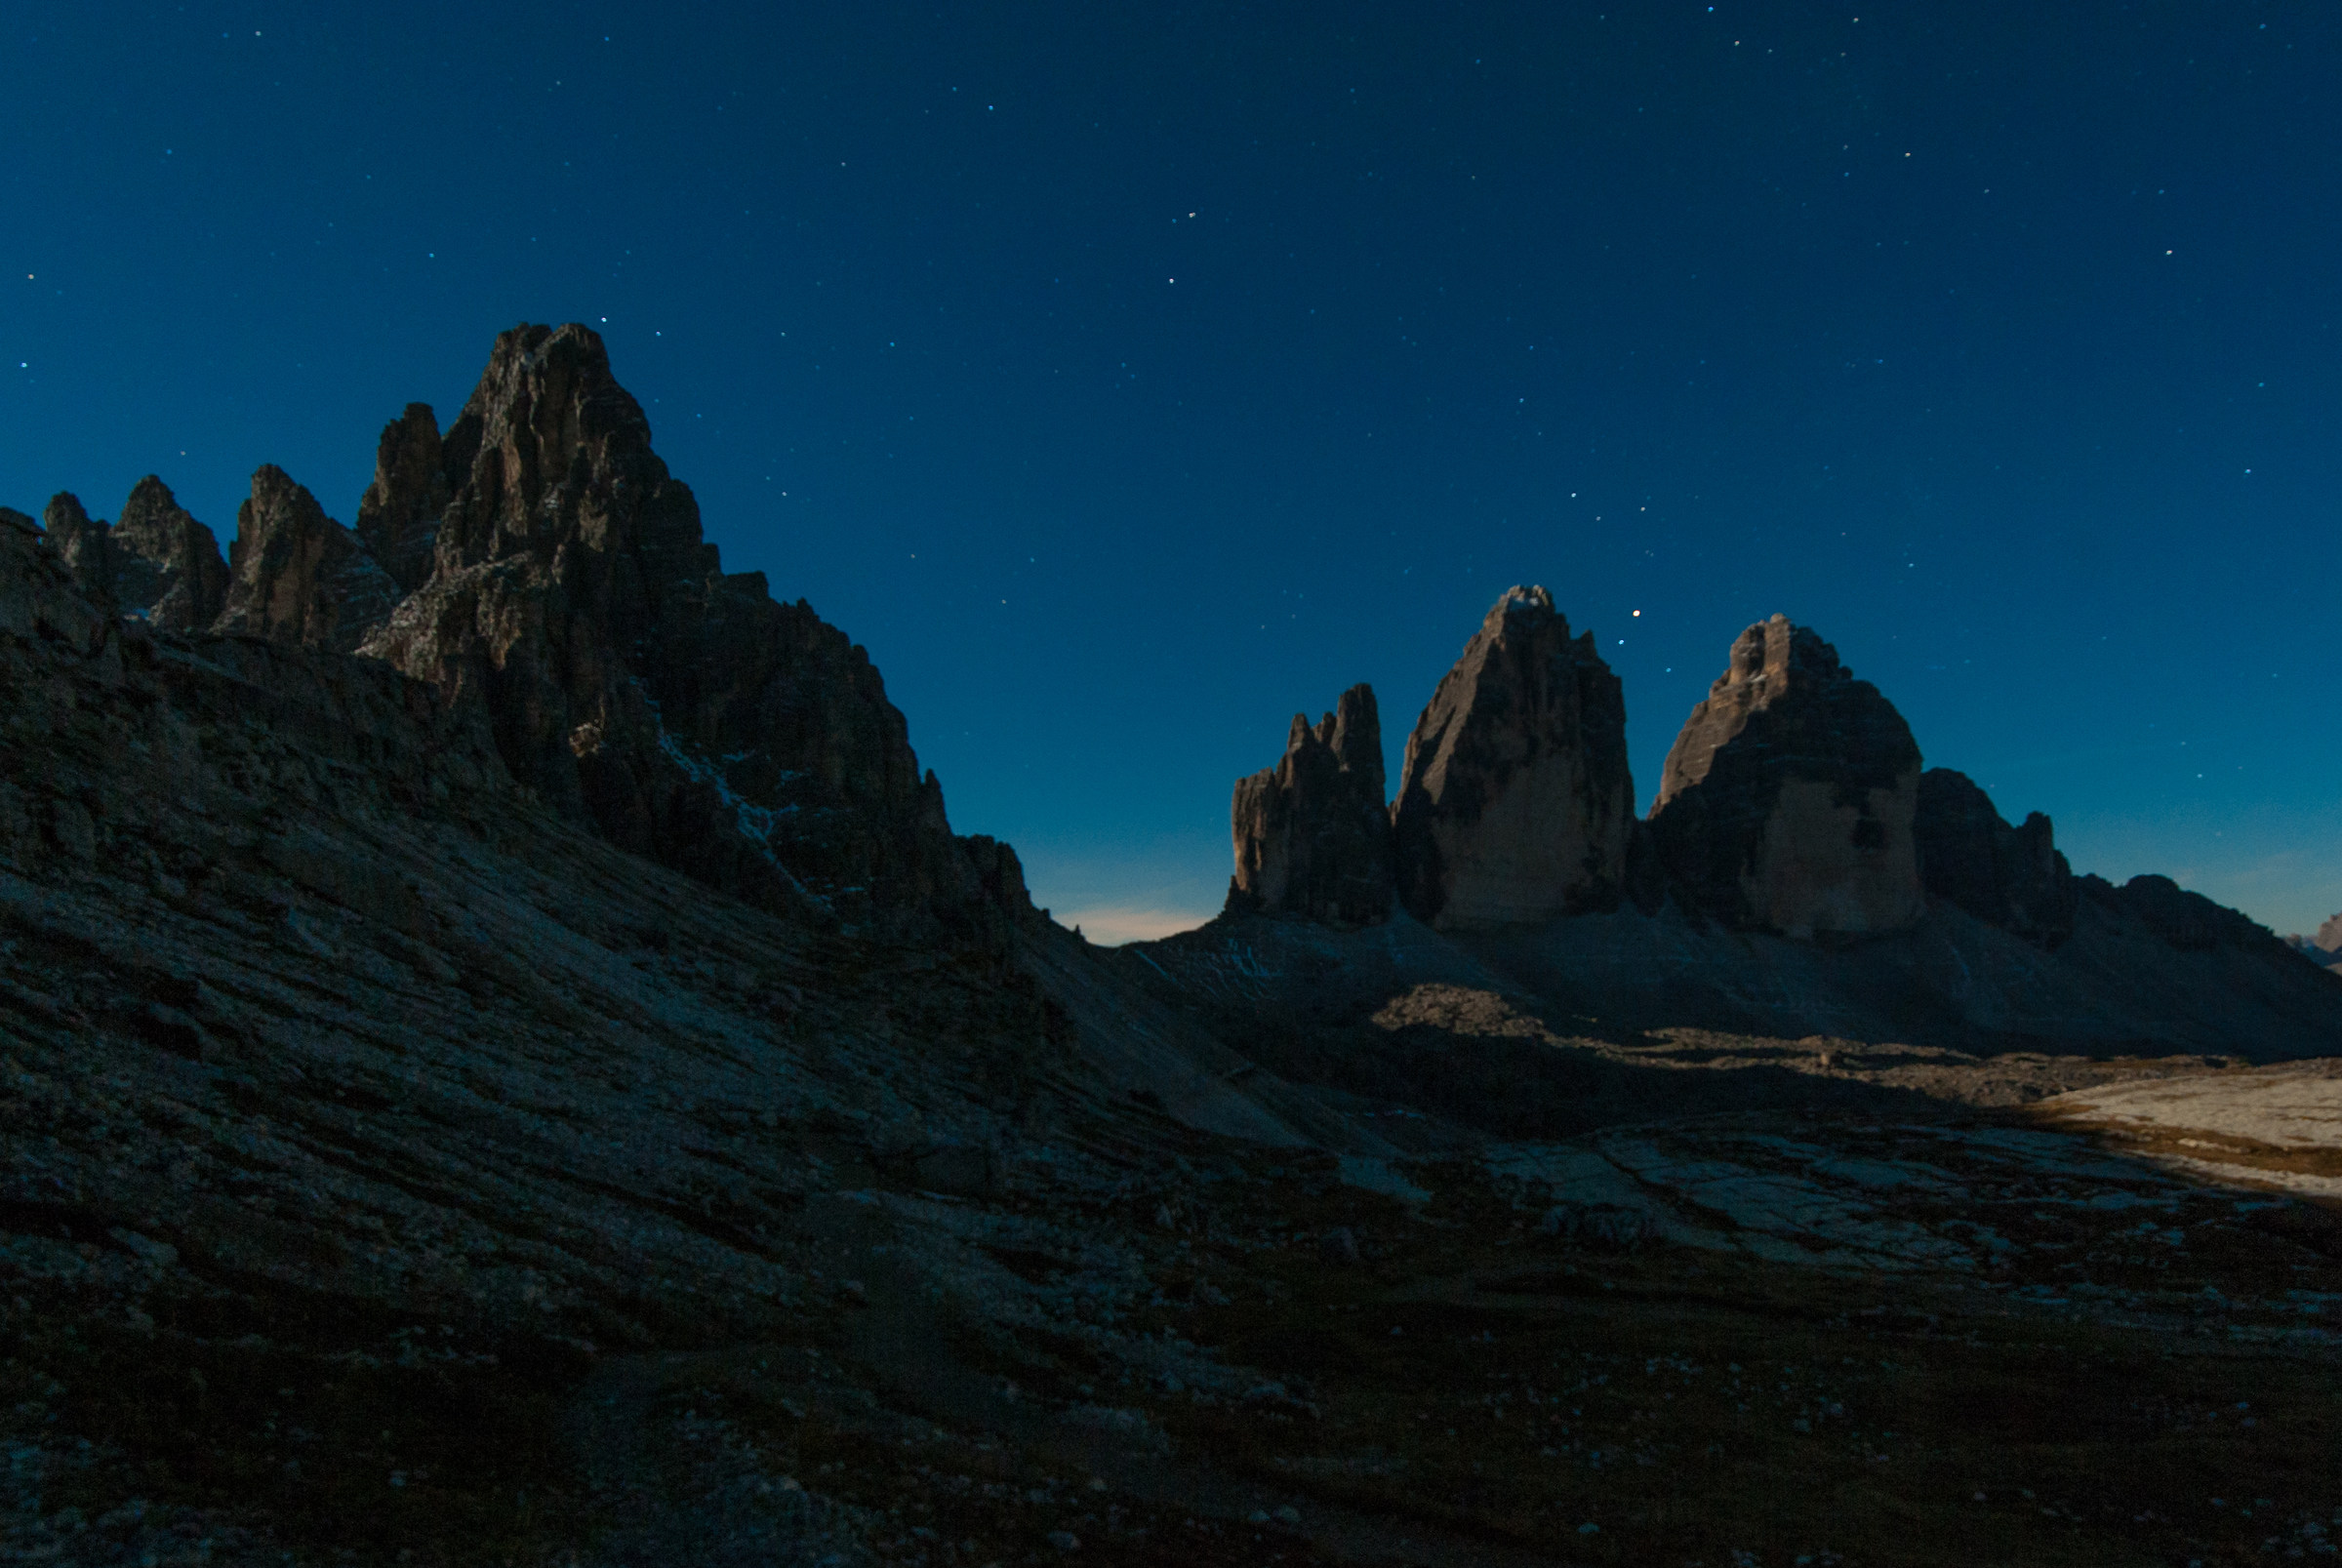 Notte di luna piena alle tre cime di Lavardo...